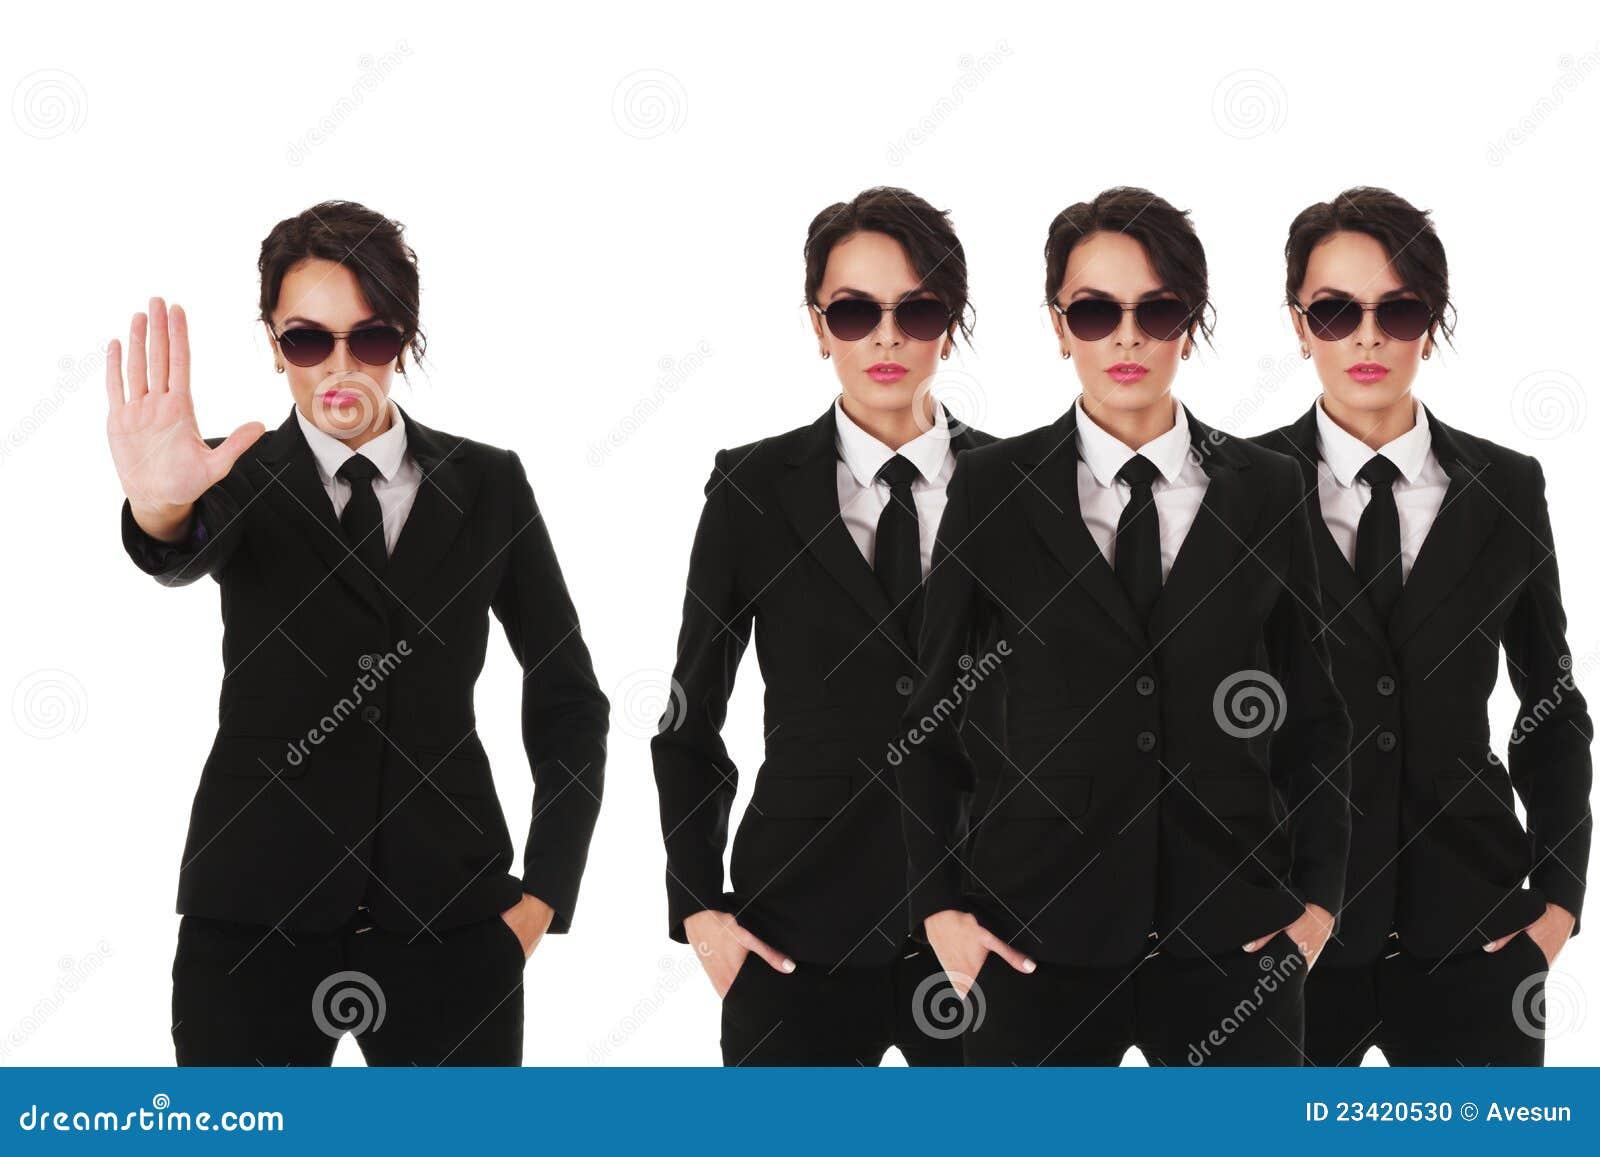 Agentes de servicio secreto